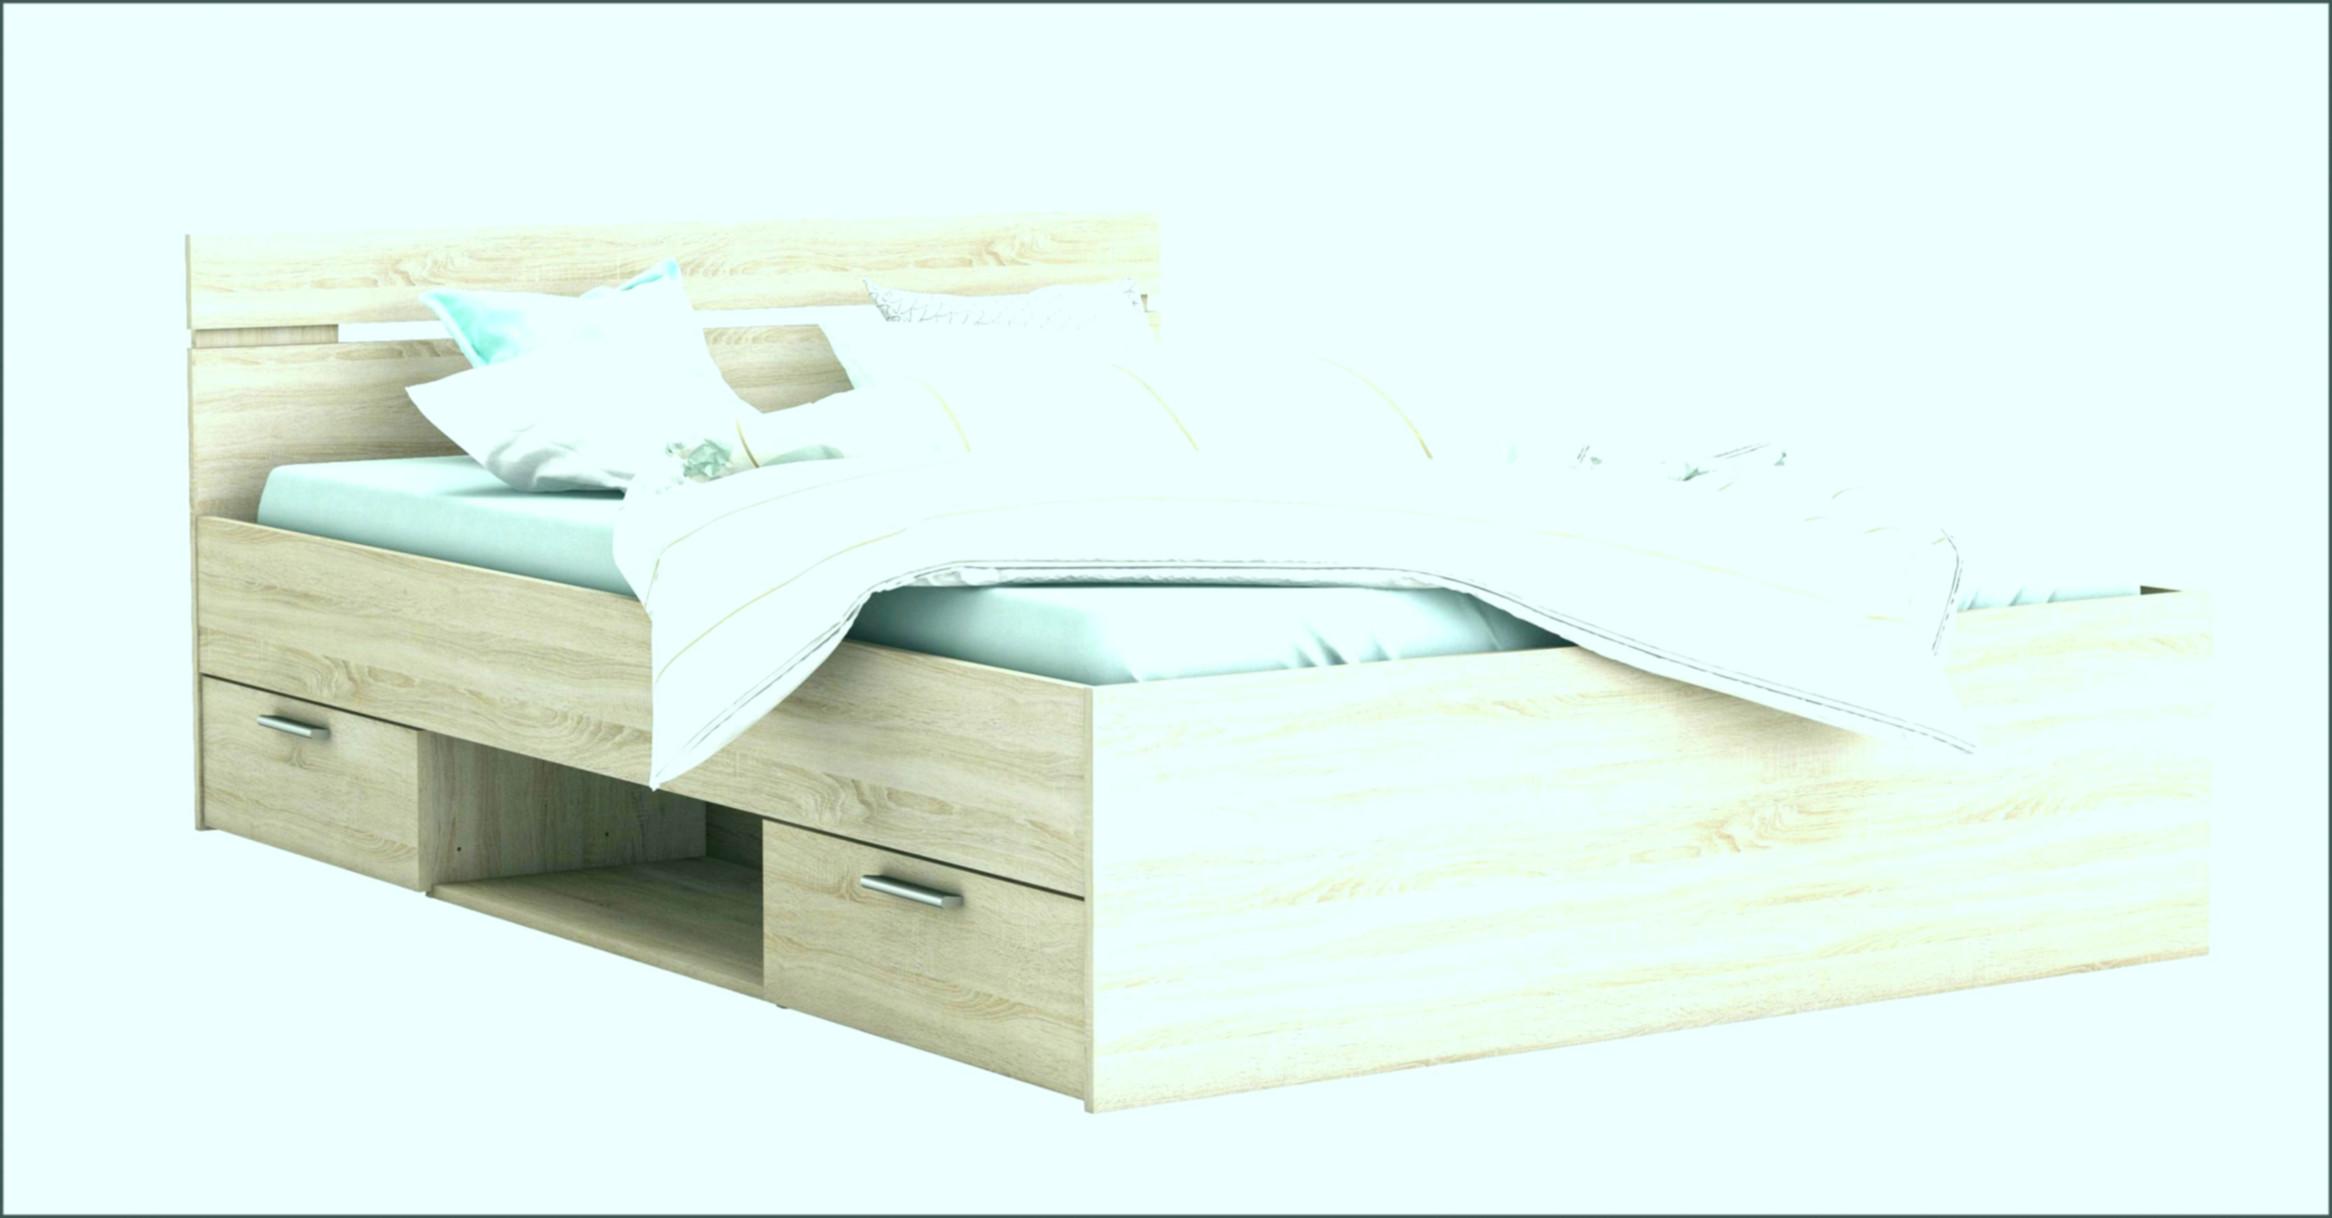 Full Size of Bett 140x220 With Elegant Betten Frankfurt Skandinavisch 100x200 Massiv Günstig Kaufen Schlafzimmer 160 Mädchen überlänge Altes Barock 180x200 Mit Stauraum Bett Bett 140x220